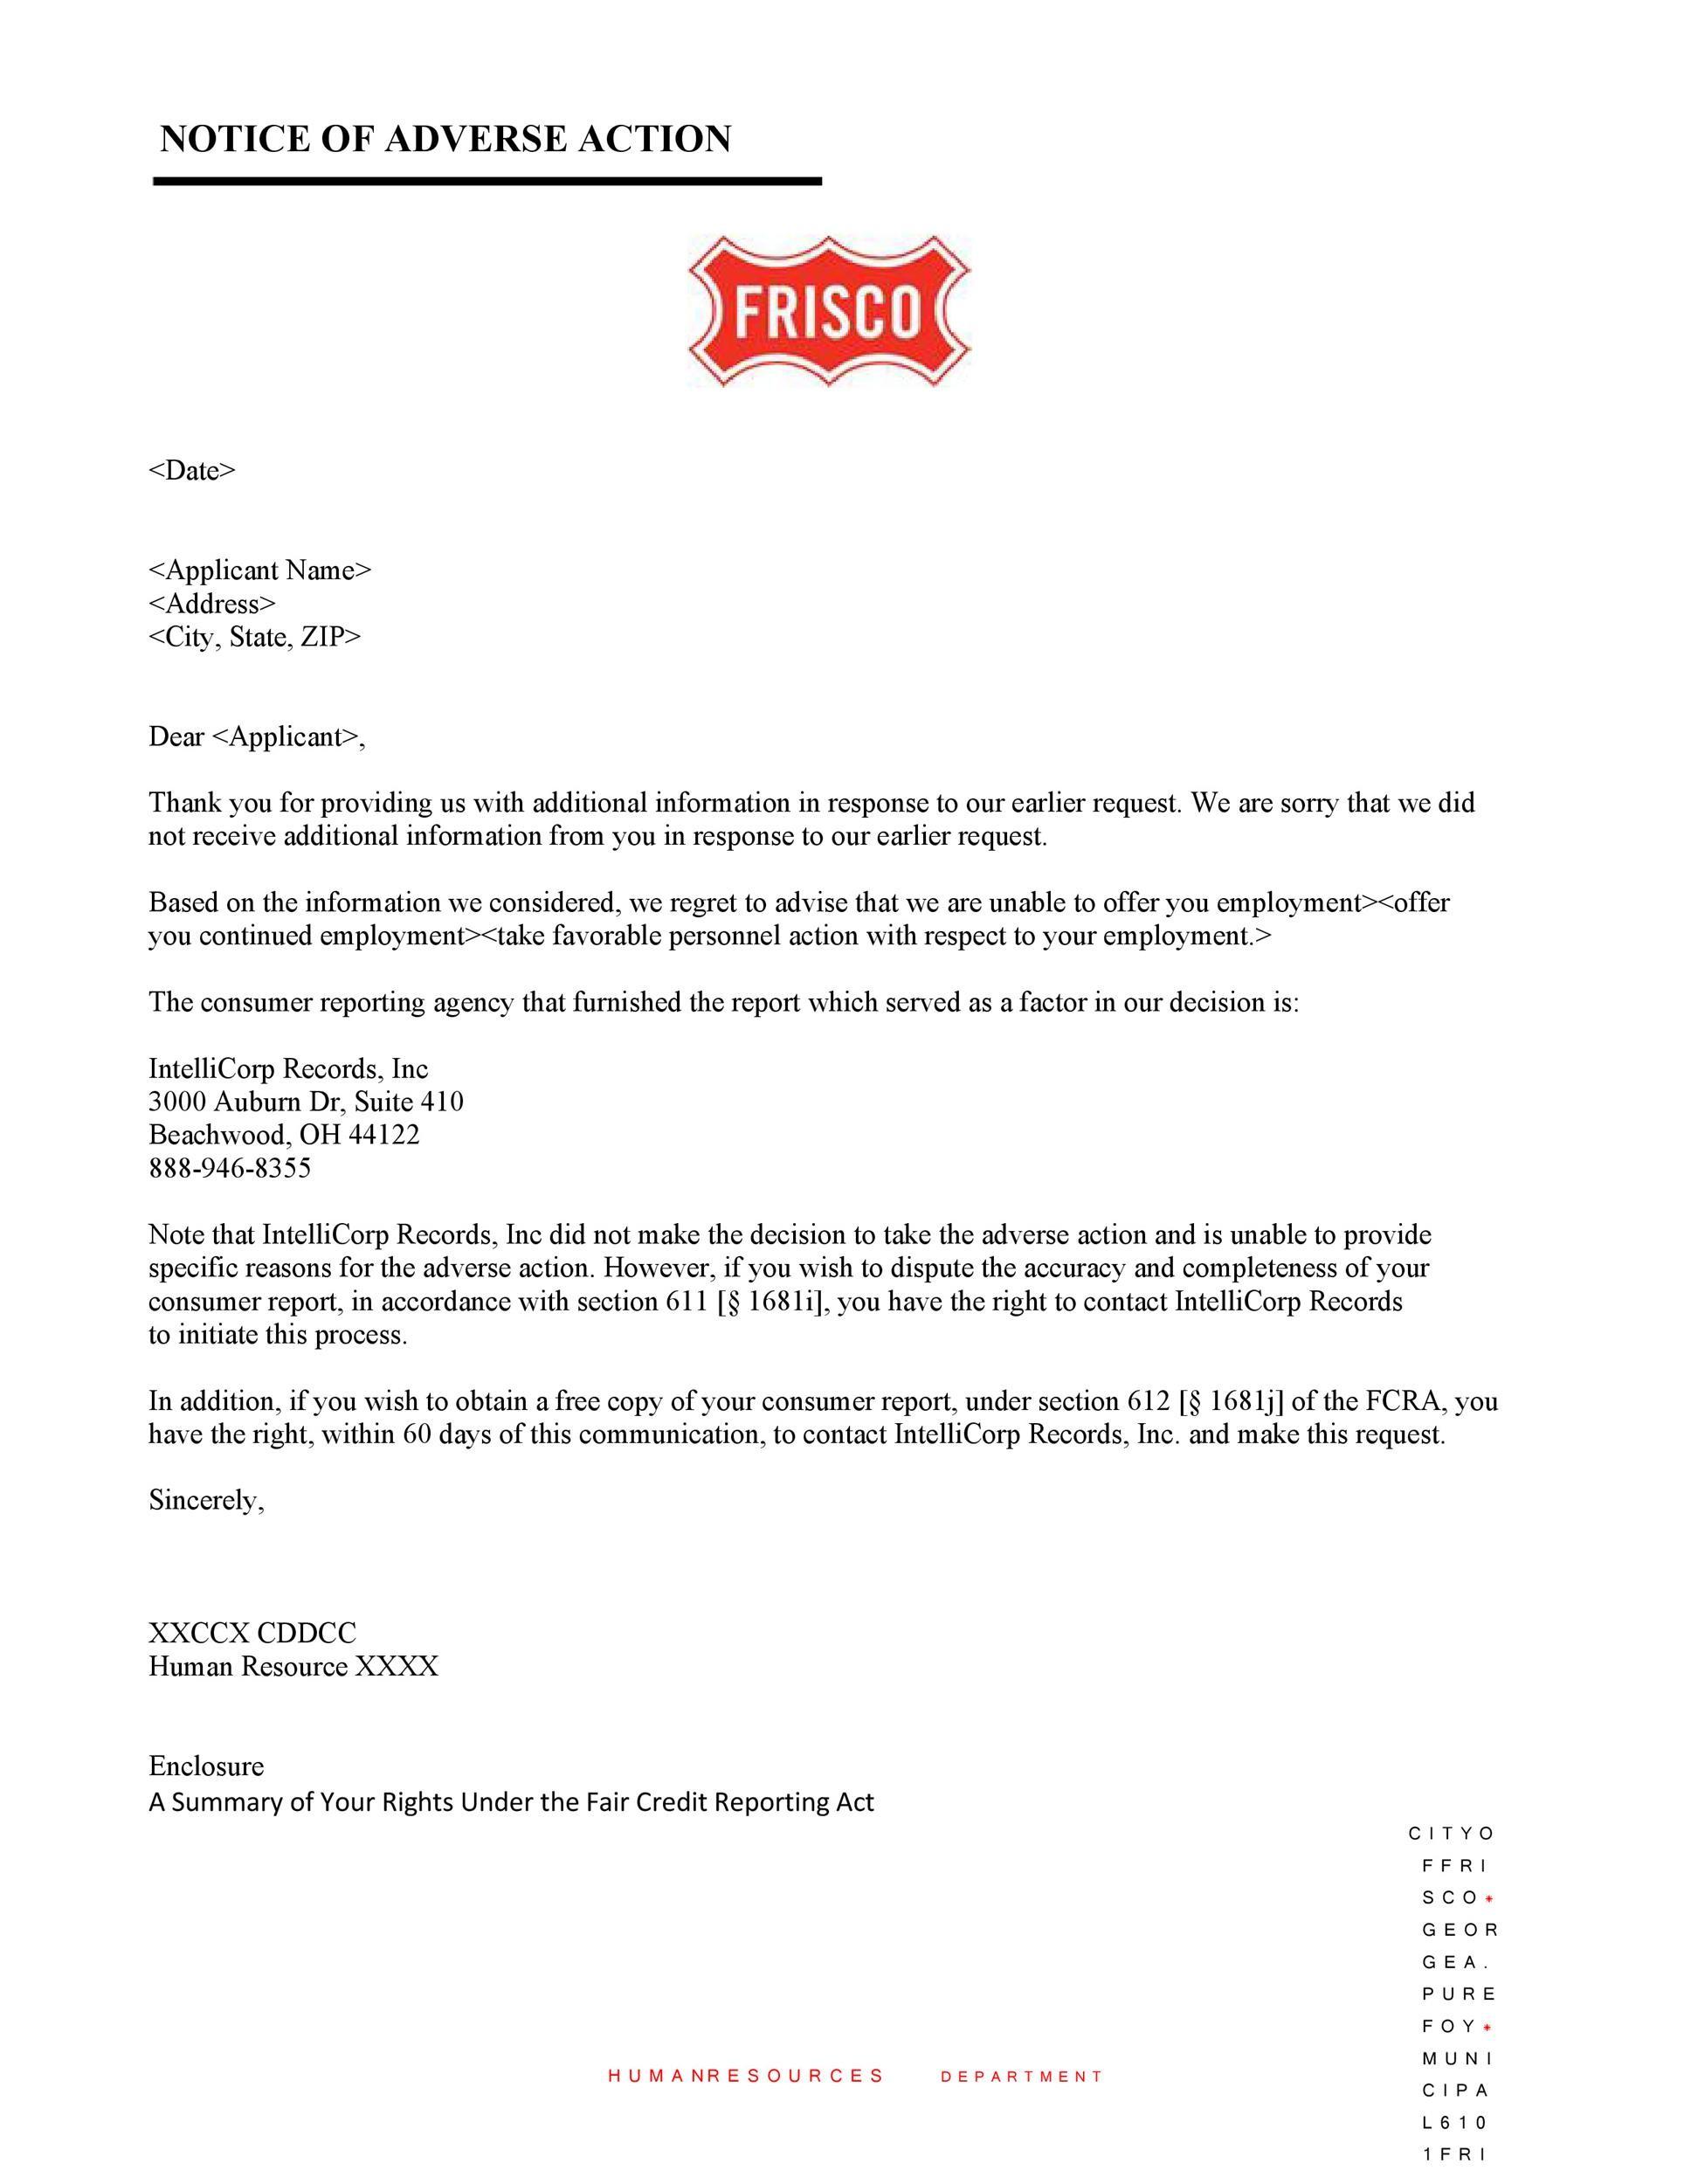 Free adverse action notice 11